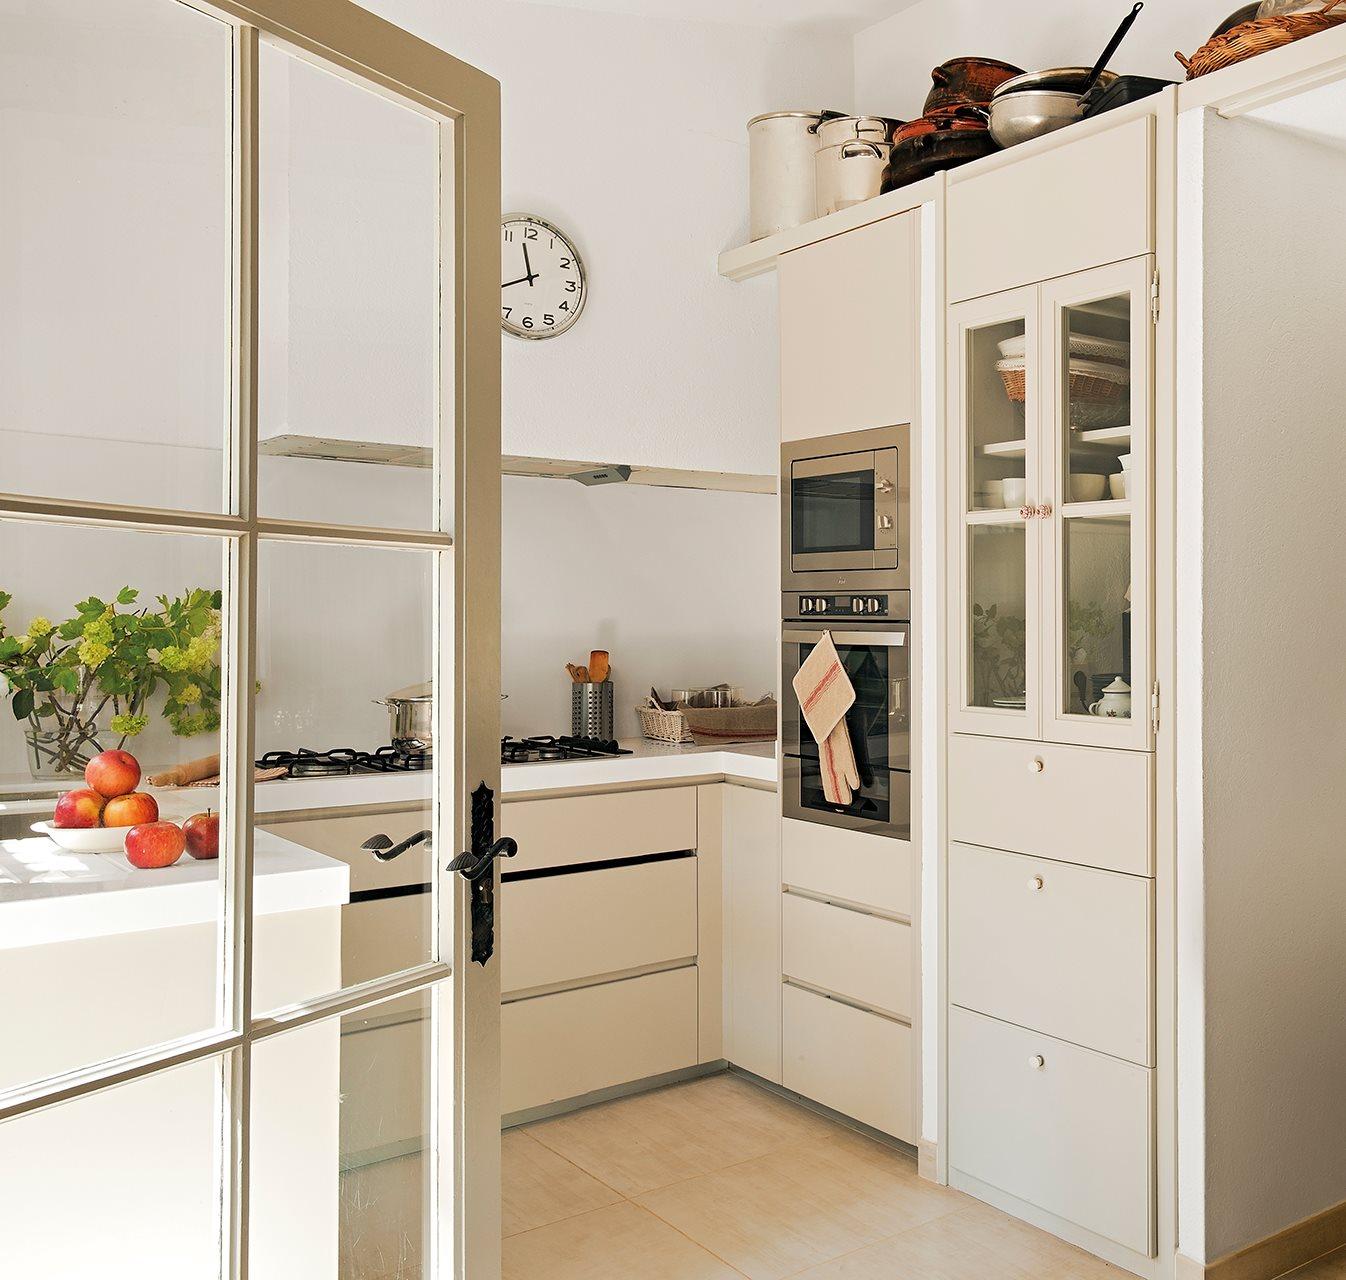 Una cocina mini puede ser perfecta for Cocinas completas con electrodomesticos